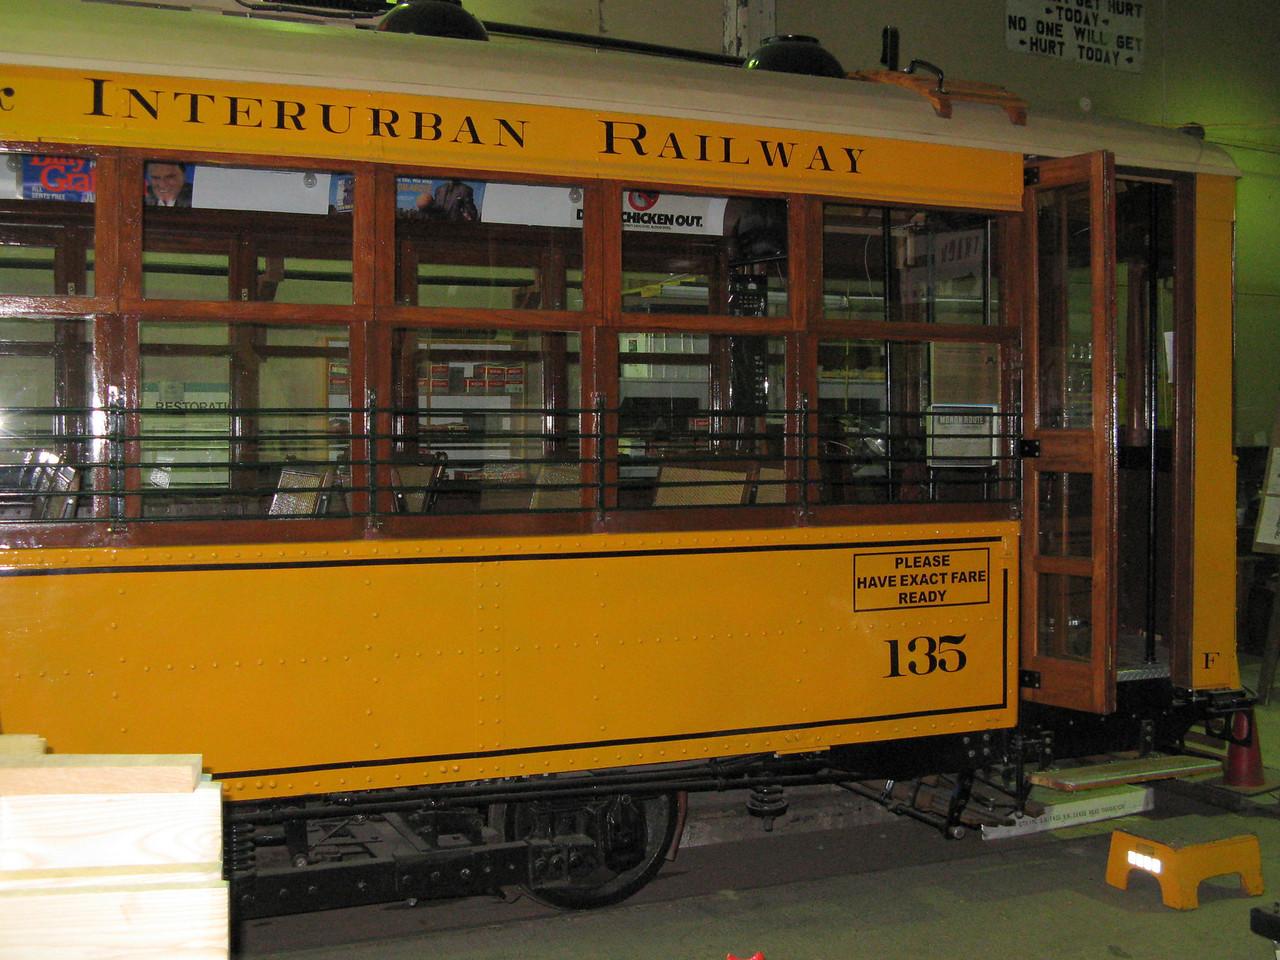 12-05-07 Trolley 017